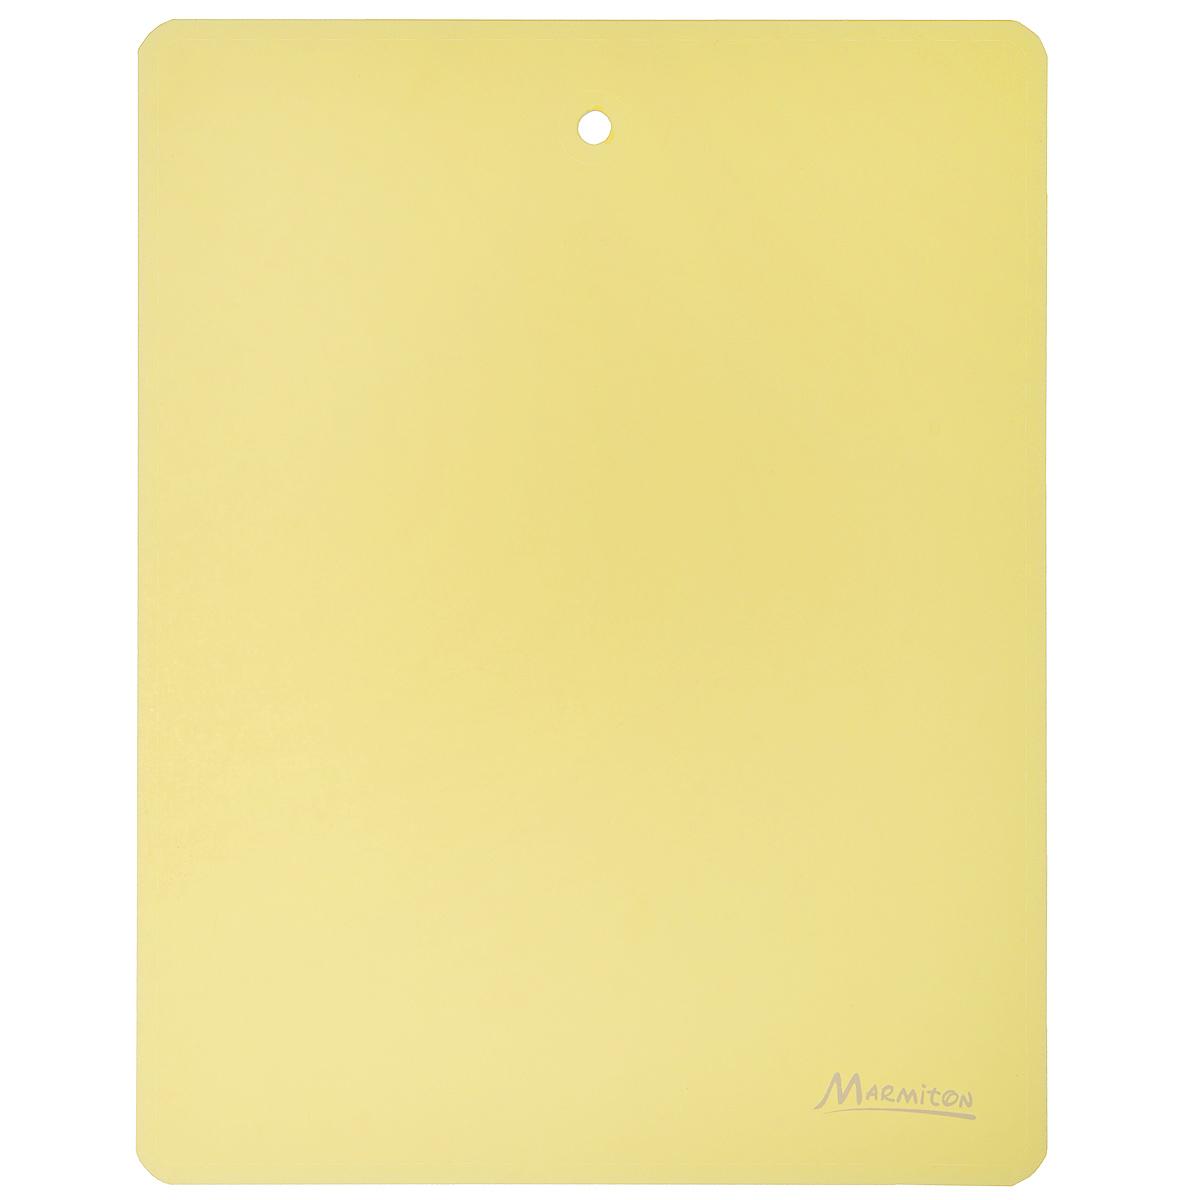 Доска разделочная Marmiton, гибкая, цвет: желтый, 28 см х 22 см17025_желтыйГибкая разделочная доска Marmiton прекрасно подходит для разделки всех видов пищевых продуктов. Изготовлена из гибкого одноцветного полипропилена (пластика) для удобства переноски и высыпания. Изделие оснащено отверстием для подвешивания на крючок.Можно мыть в посудомоечной машине.